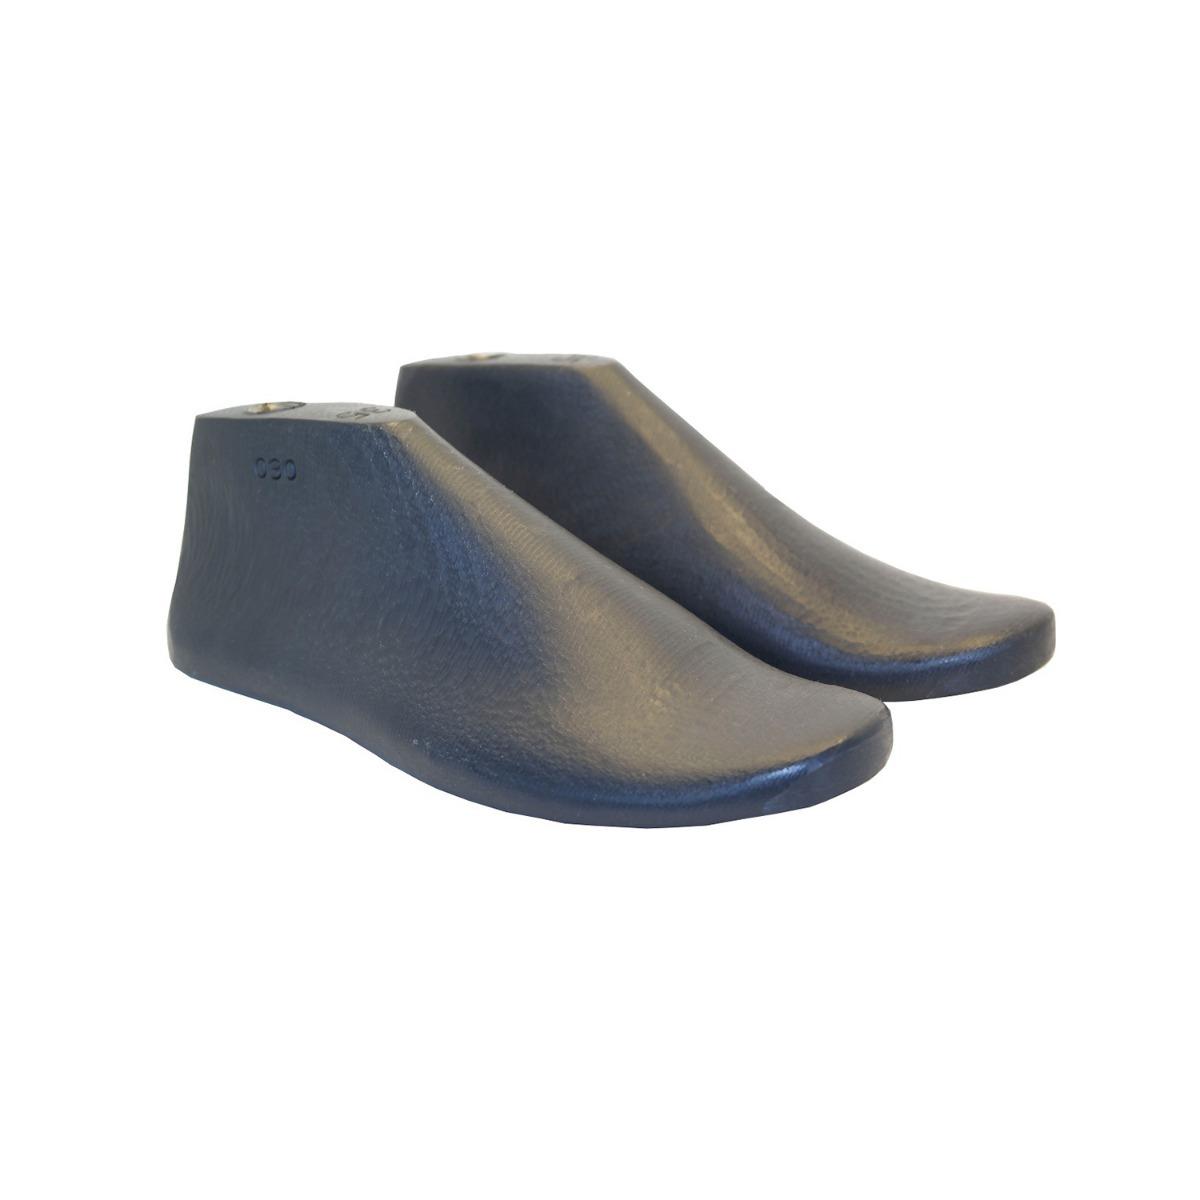 ee0fcf232f forma para sapatilha bico redondo 33 ao 40. Carregando zoom.